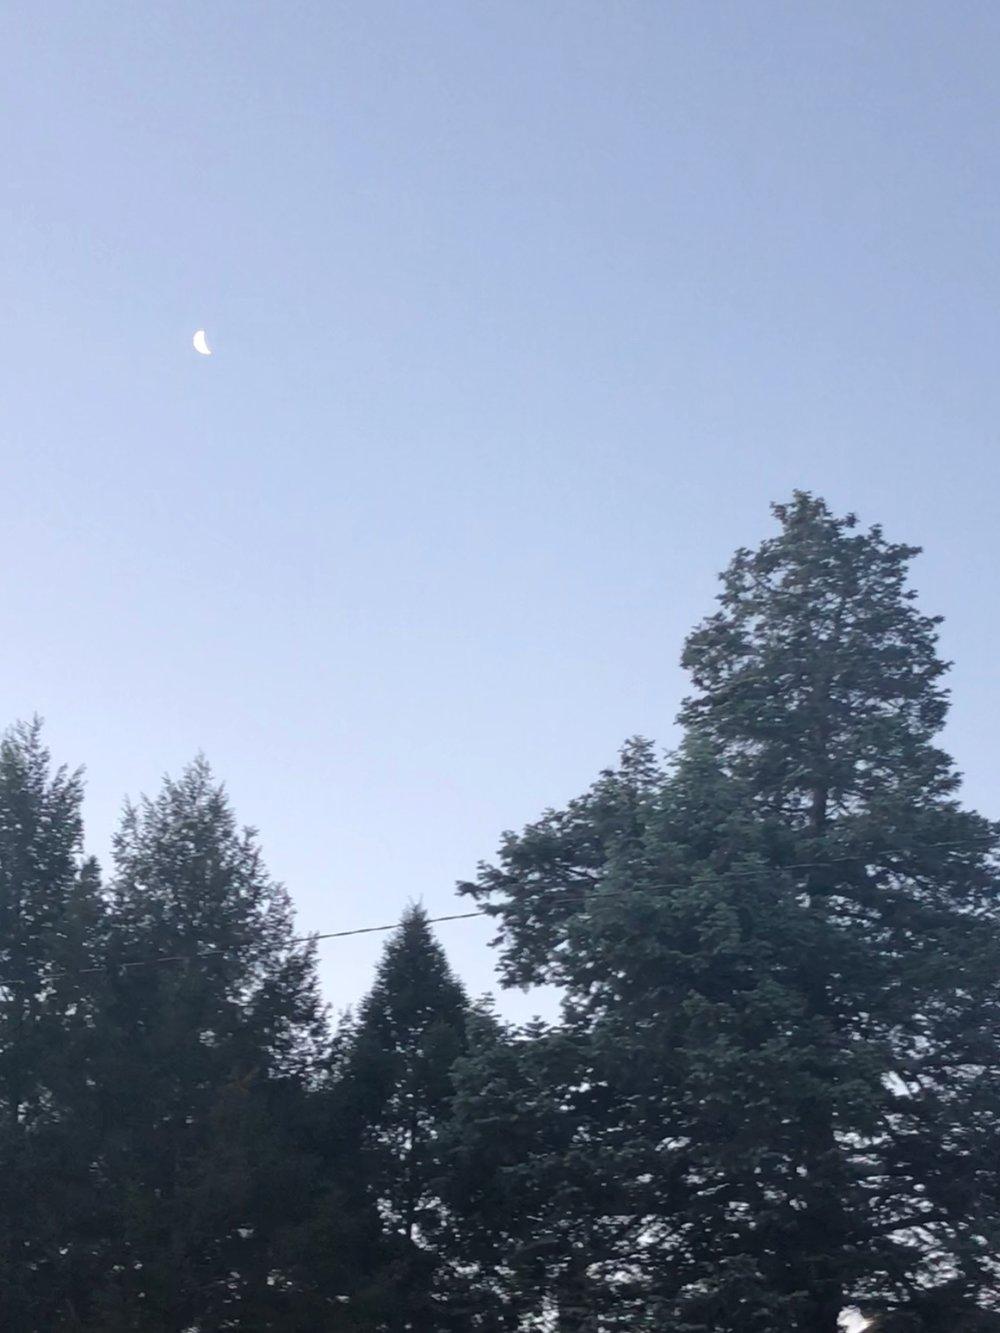 Waning Moon, June 8, 2018 - Albuquerque, NM